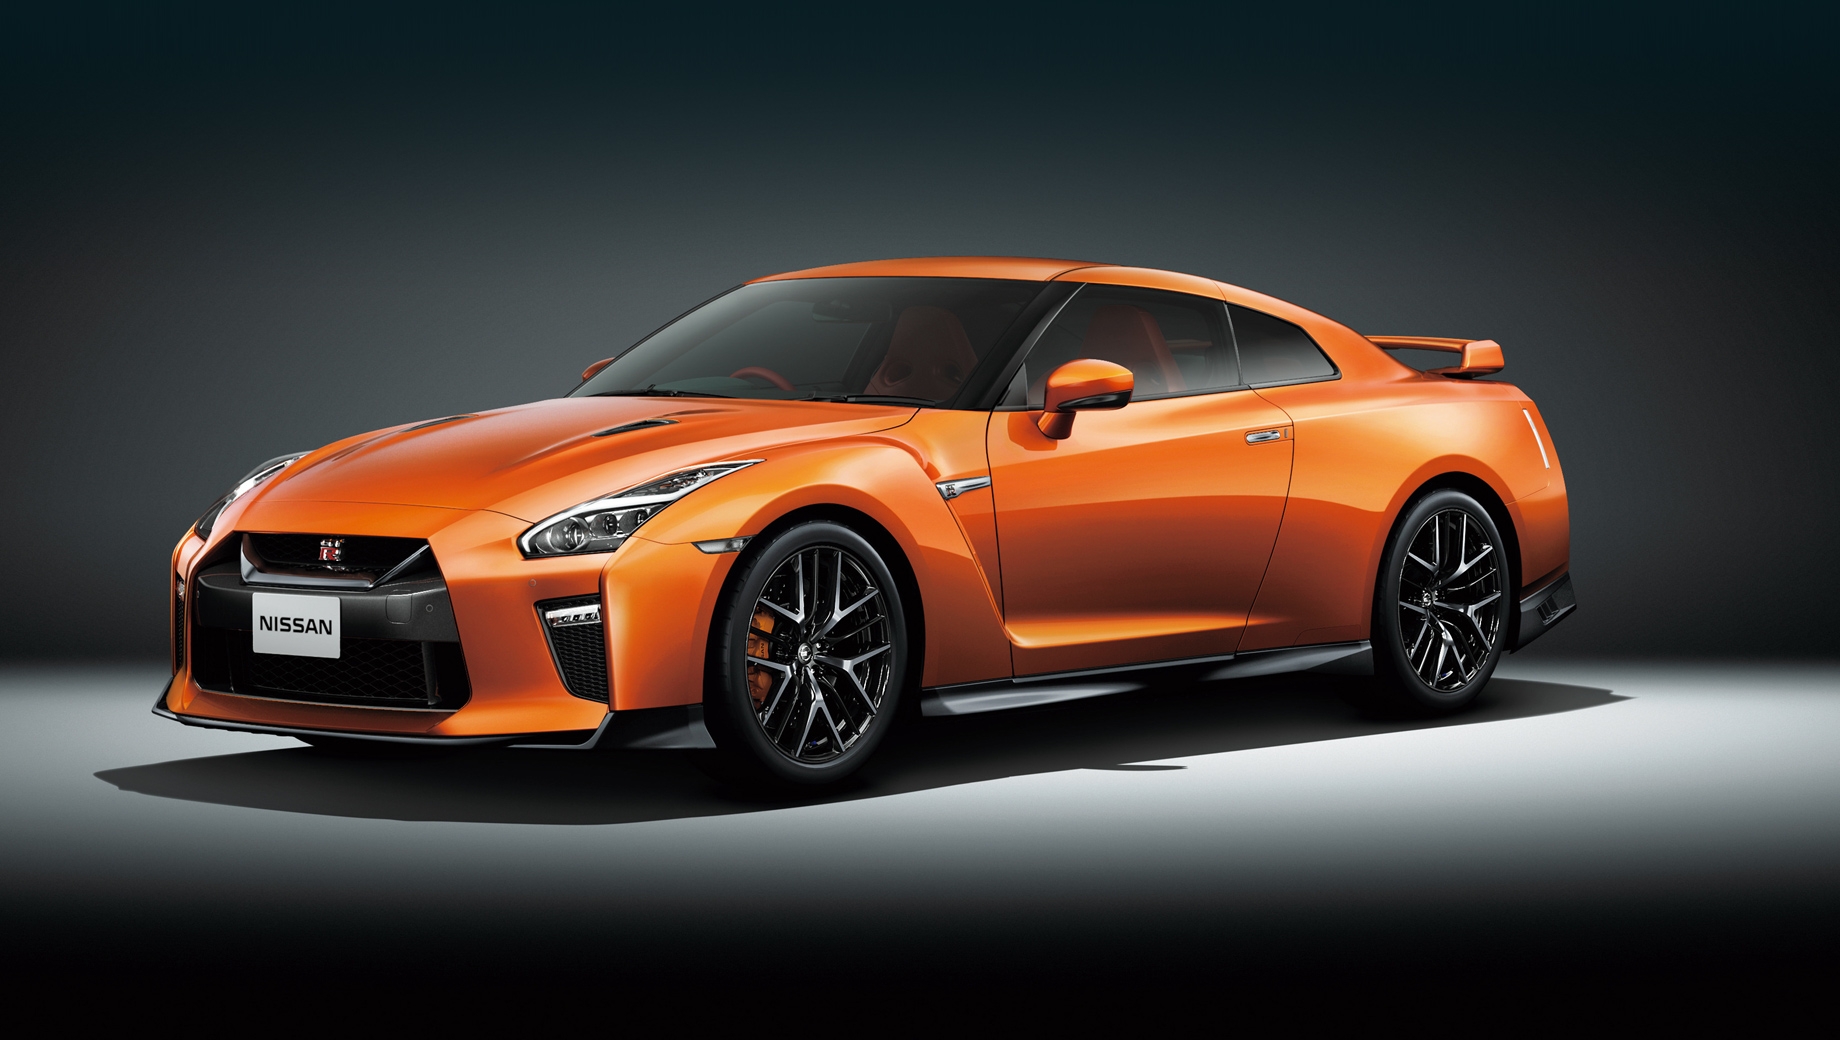 Nissan gt-r. Сейчас GT-R в Японии стоит от 10 828 400 до 24 200 000 иен (7,55–16,87 млн рублей). Твинтурбомотор V6 3.8 VR38DETT в базовой версии развивает 570 л.с. (637 Н•м), а в варианте Nismo — 600 л.с. (652 Н•м).